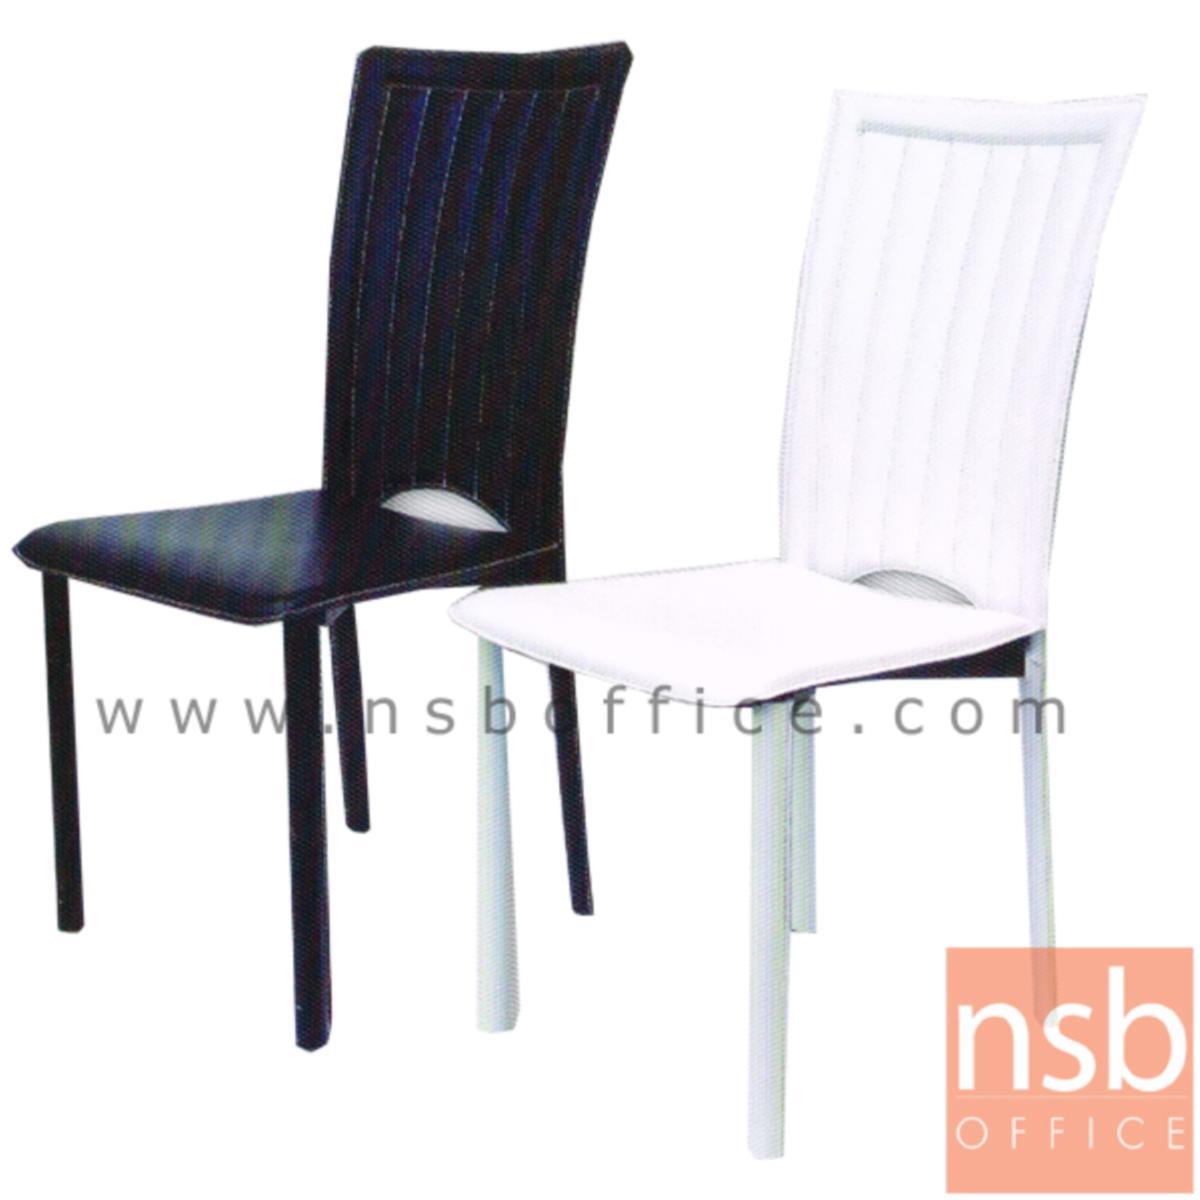 G14A095:เก้าอี้อเนกประสงค์ รุ่น Bette (เบ็ตต์)  หุ้มหนังเทียมทั้งตัว